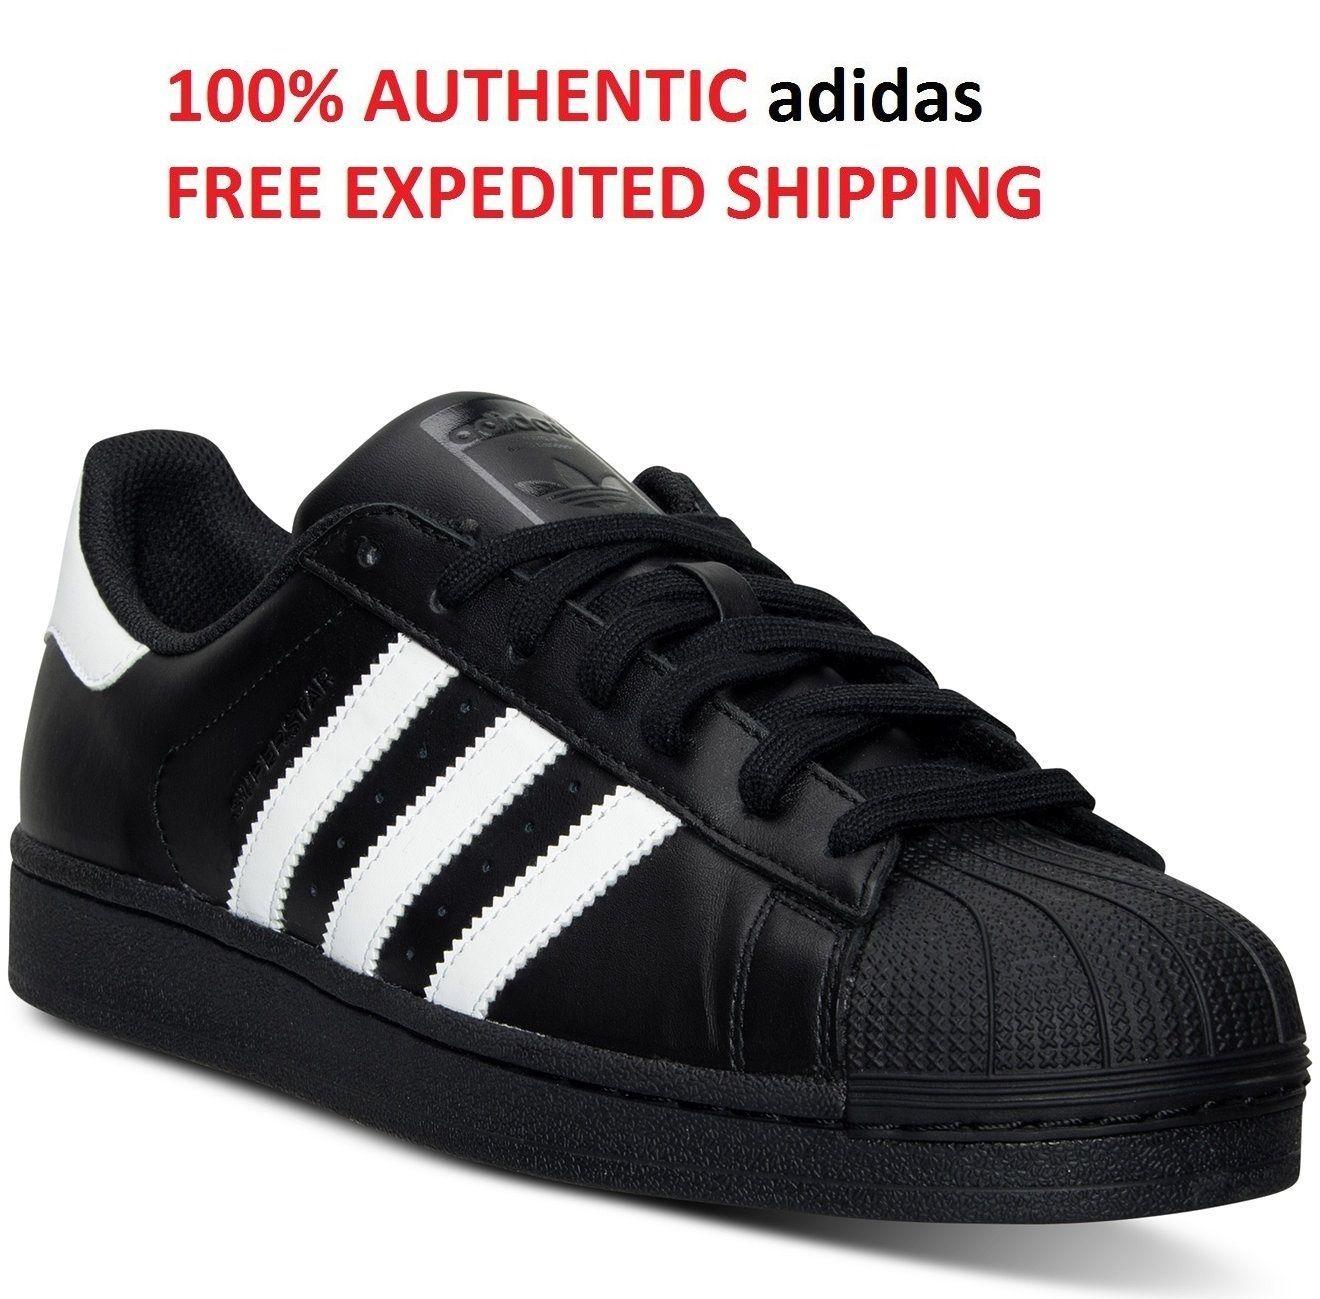 pretty nice c739e 22f72 adidas Originals Mens Superstar Foundation BLACK TONGUE Black White. B27140